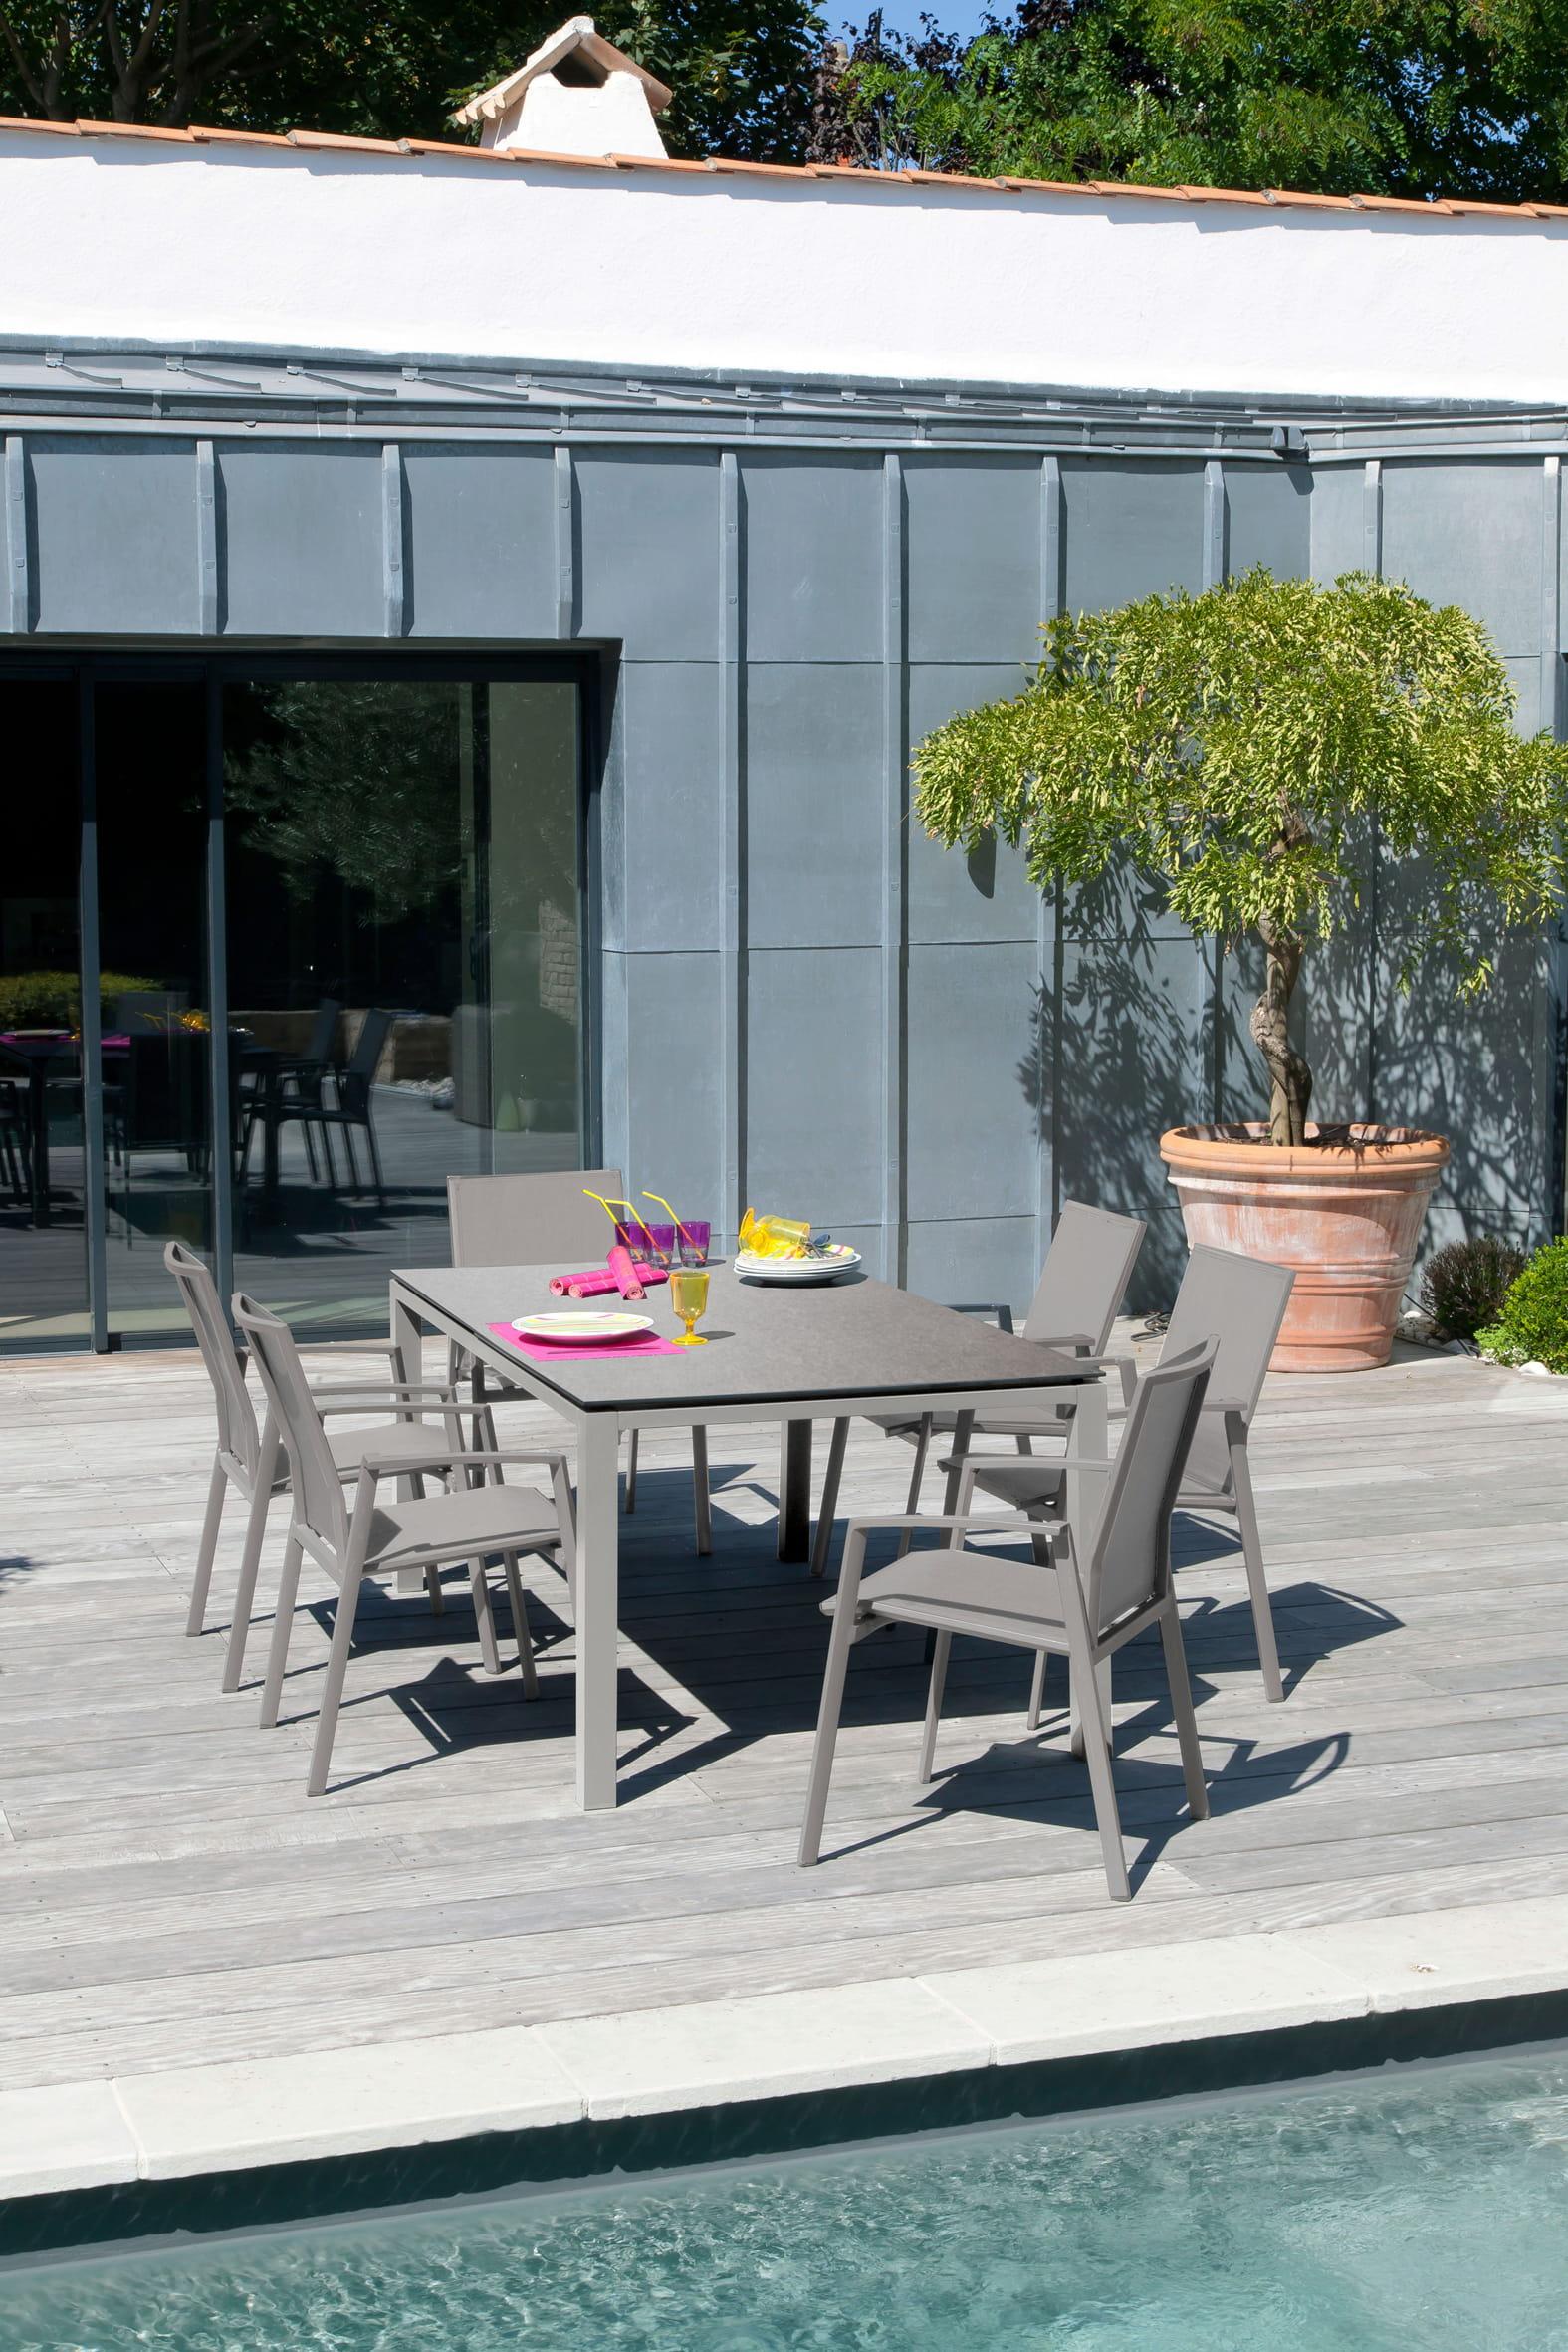 Salon de jardin Stoneo chez ProLoisirs : Salon de jardin ...